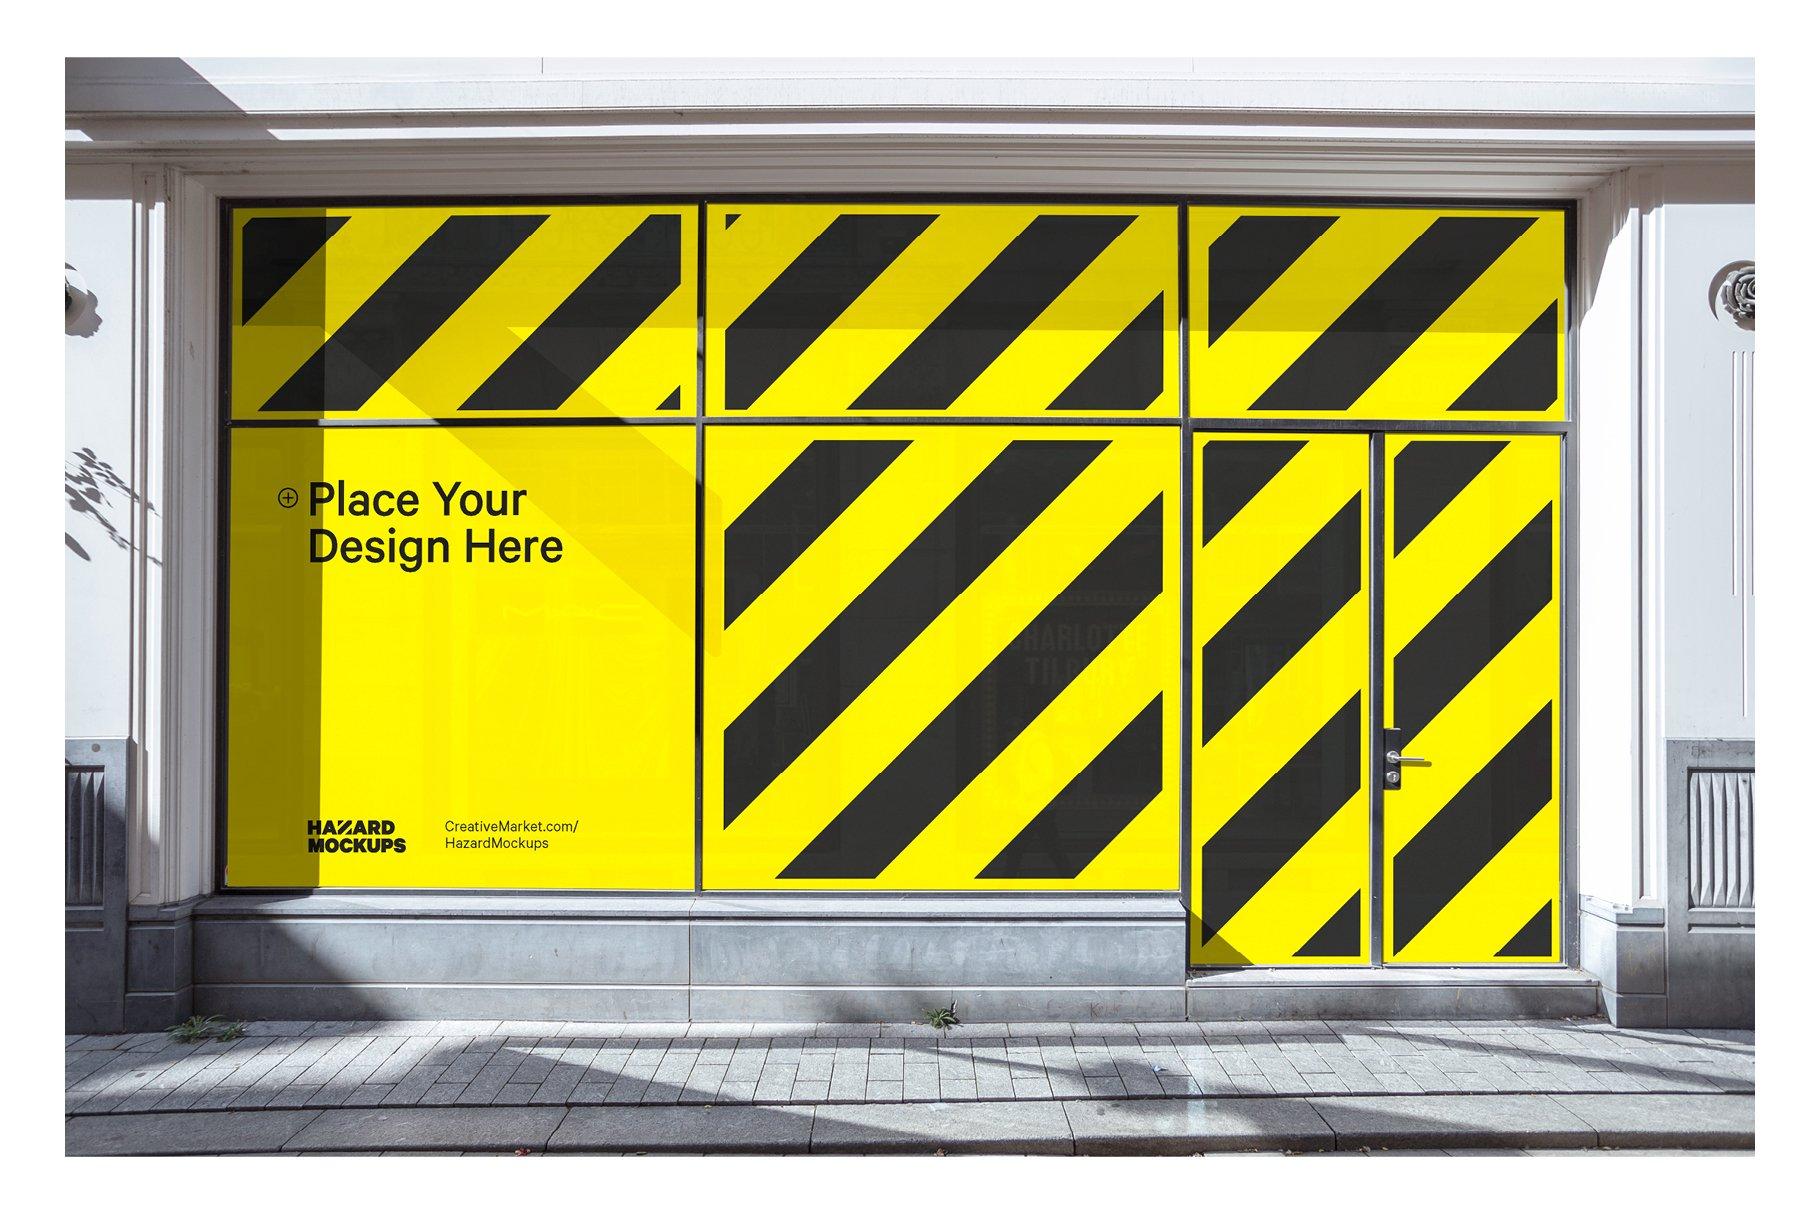 时尚街头店铺外里面橱窗玻璃贴纸广告海报设计展示样机 Shop Facade Mockup Bundle插图9